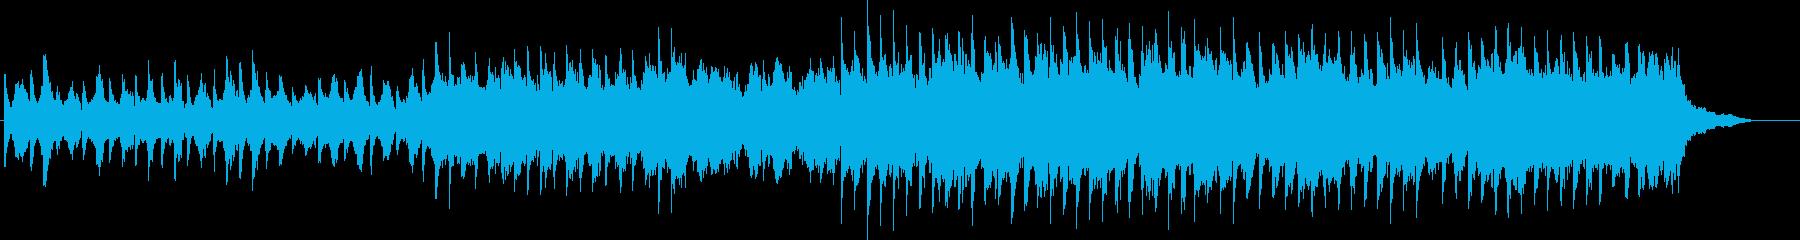 北欧、自然、ピアノ、ストリングス、合唱の再生済みの波形